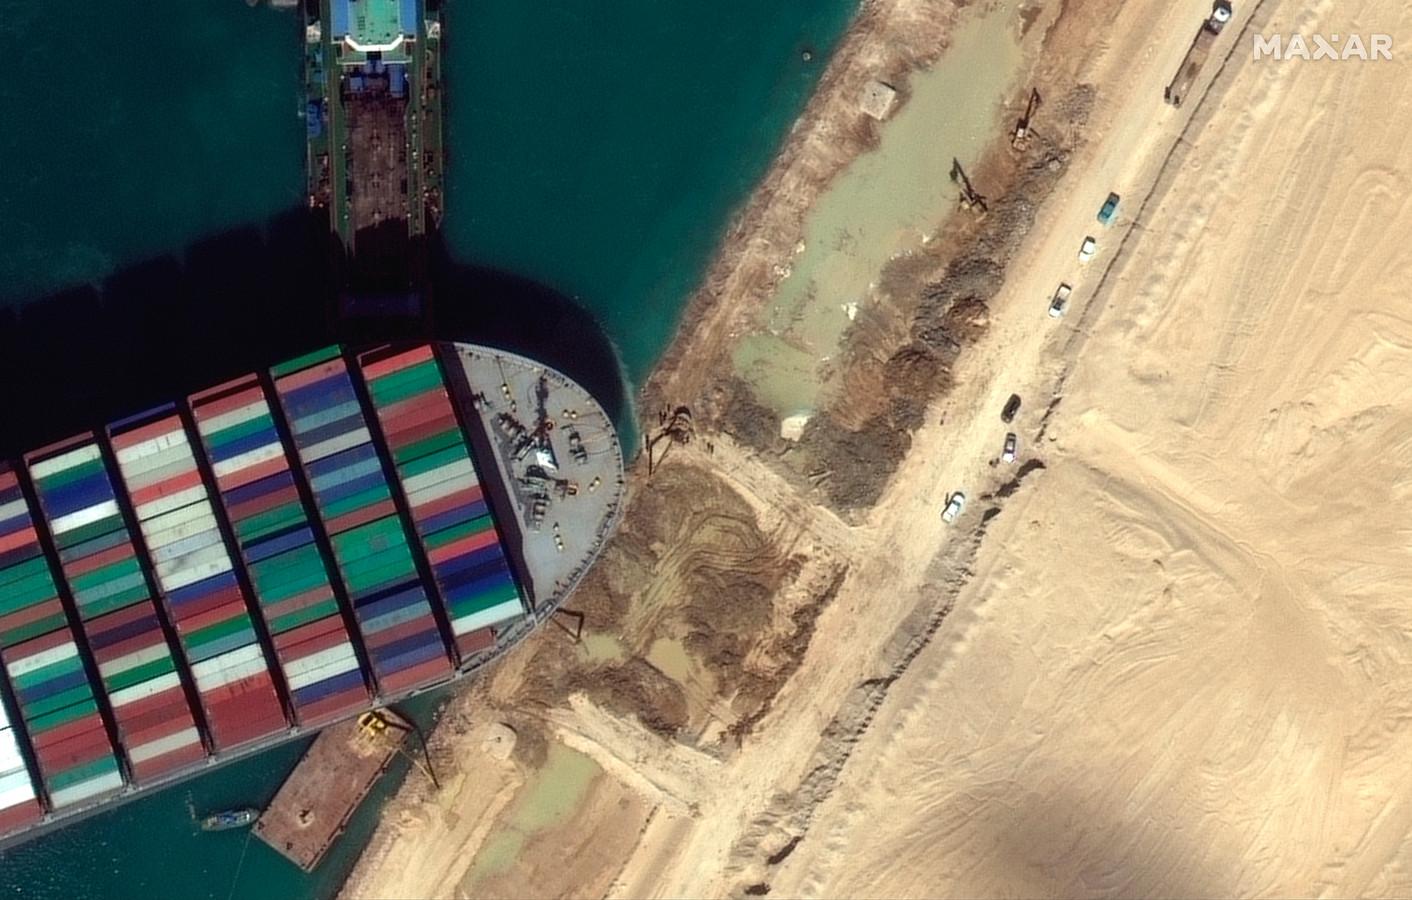 Les porte-conteneurs sont d'immenses navires délicats à manœuvrer, comme l'a prouvé l'incident survenu dans le canal de Suez la semaine dernière.